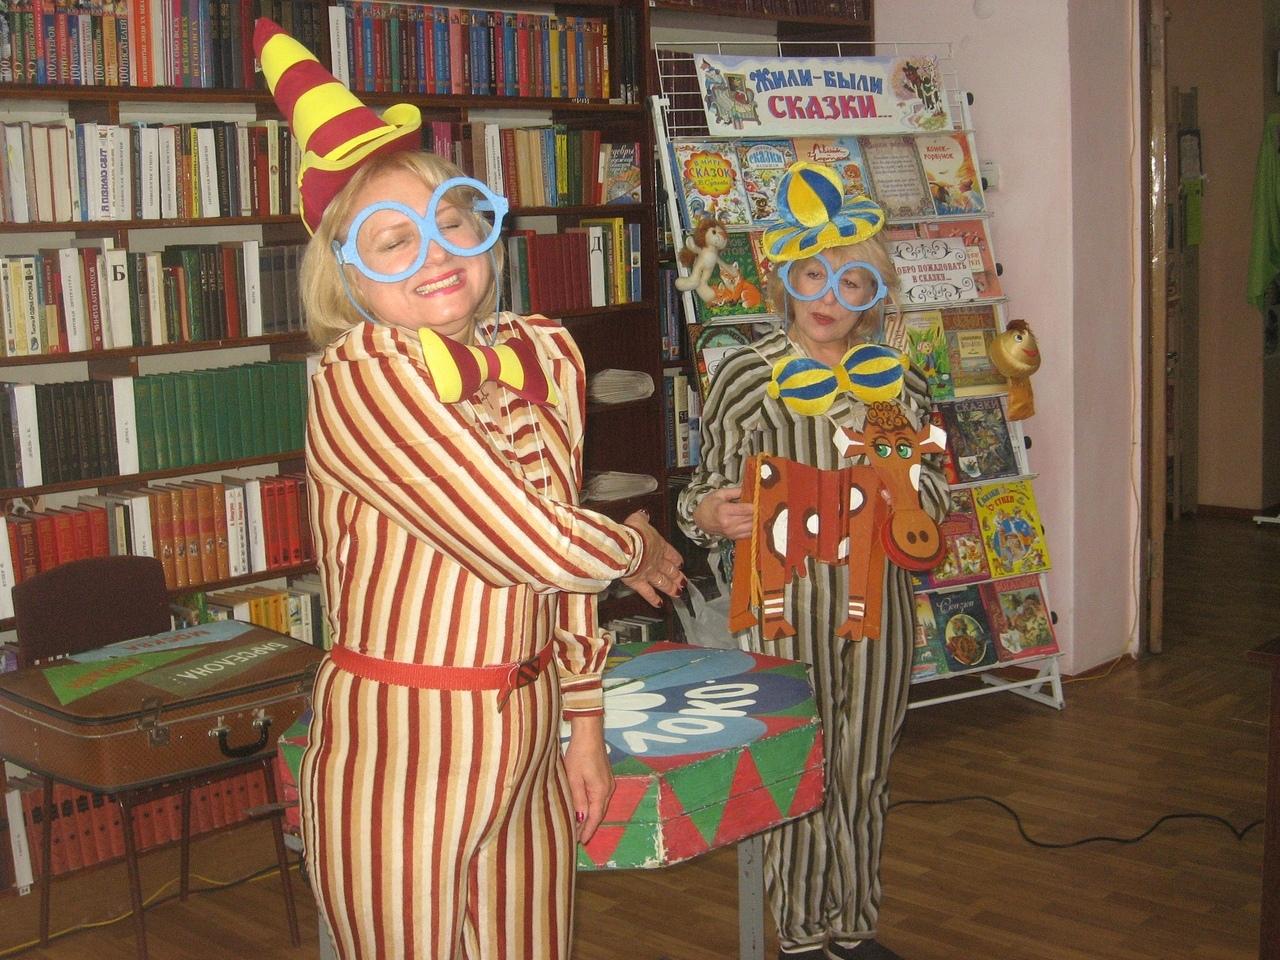 донецкая республиканская библиотека для детей, донецкий республиканский академический театр кукол,  отдел организации досуга для детей, с библиотекой интересно, день русских сказок в библиотеке